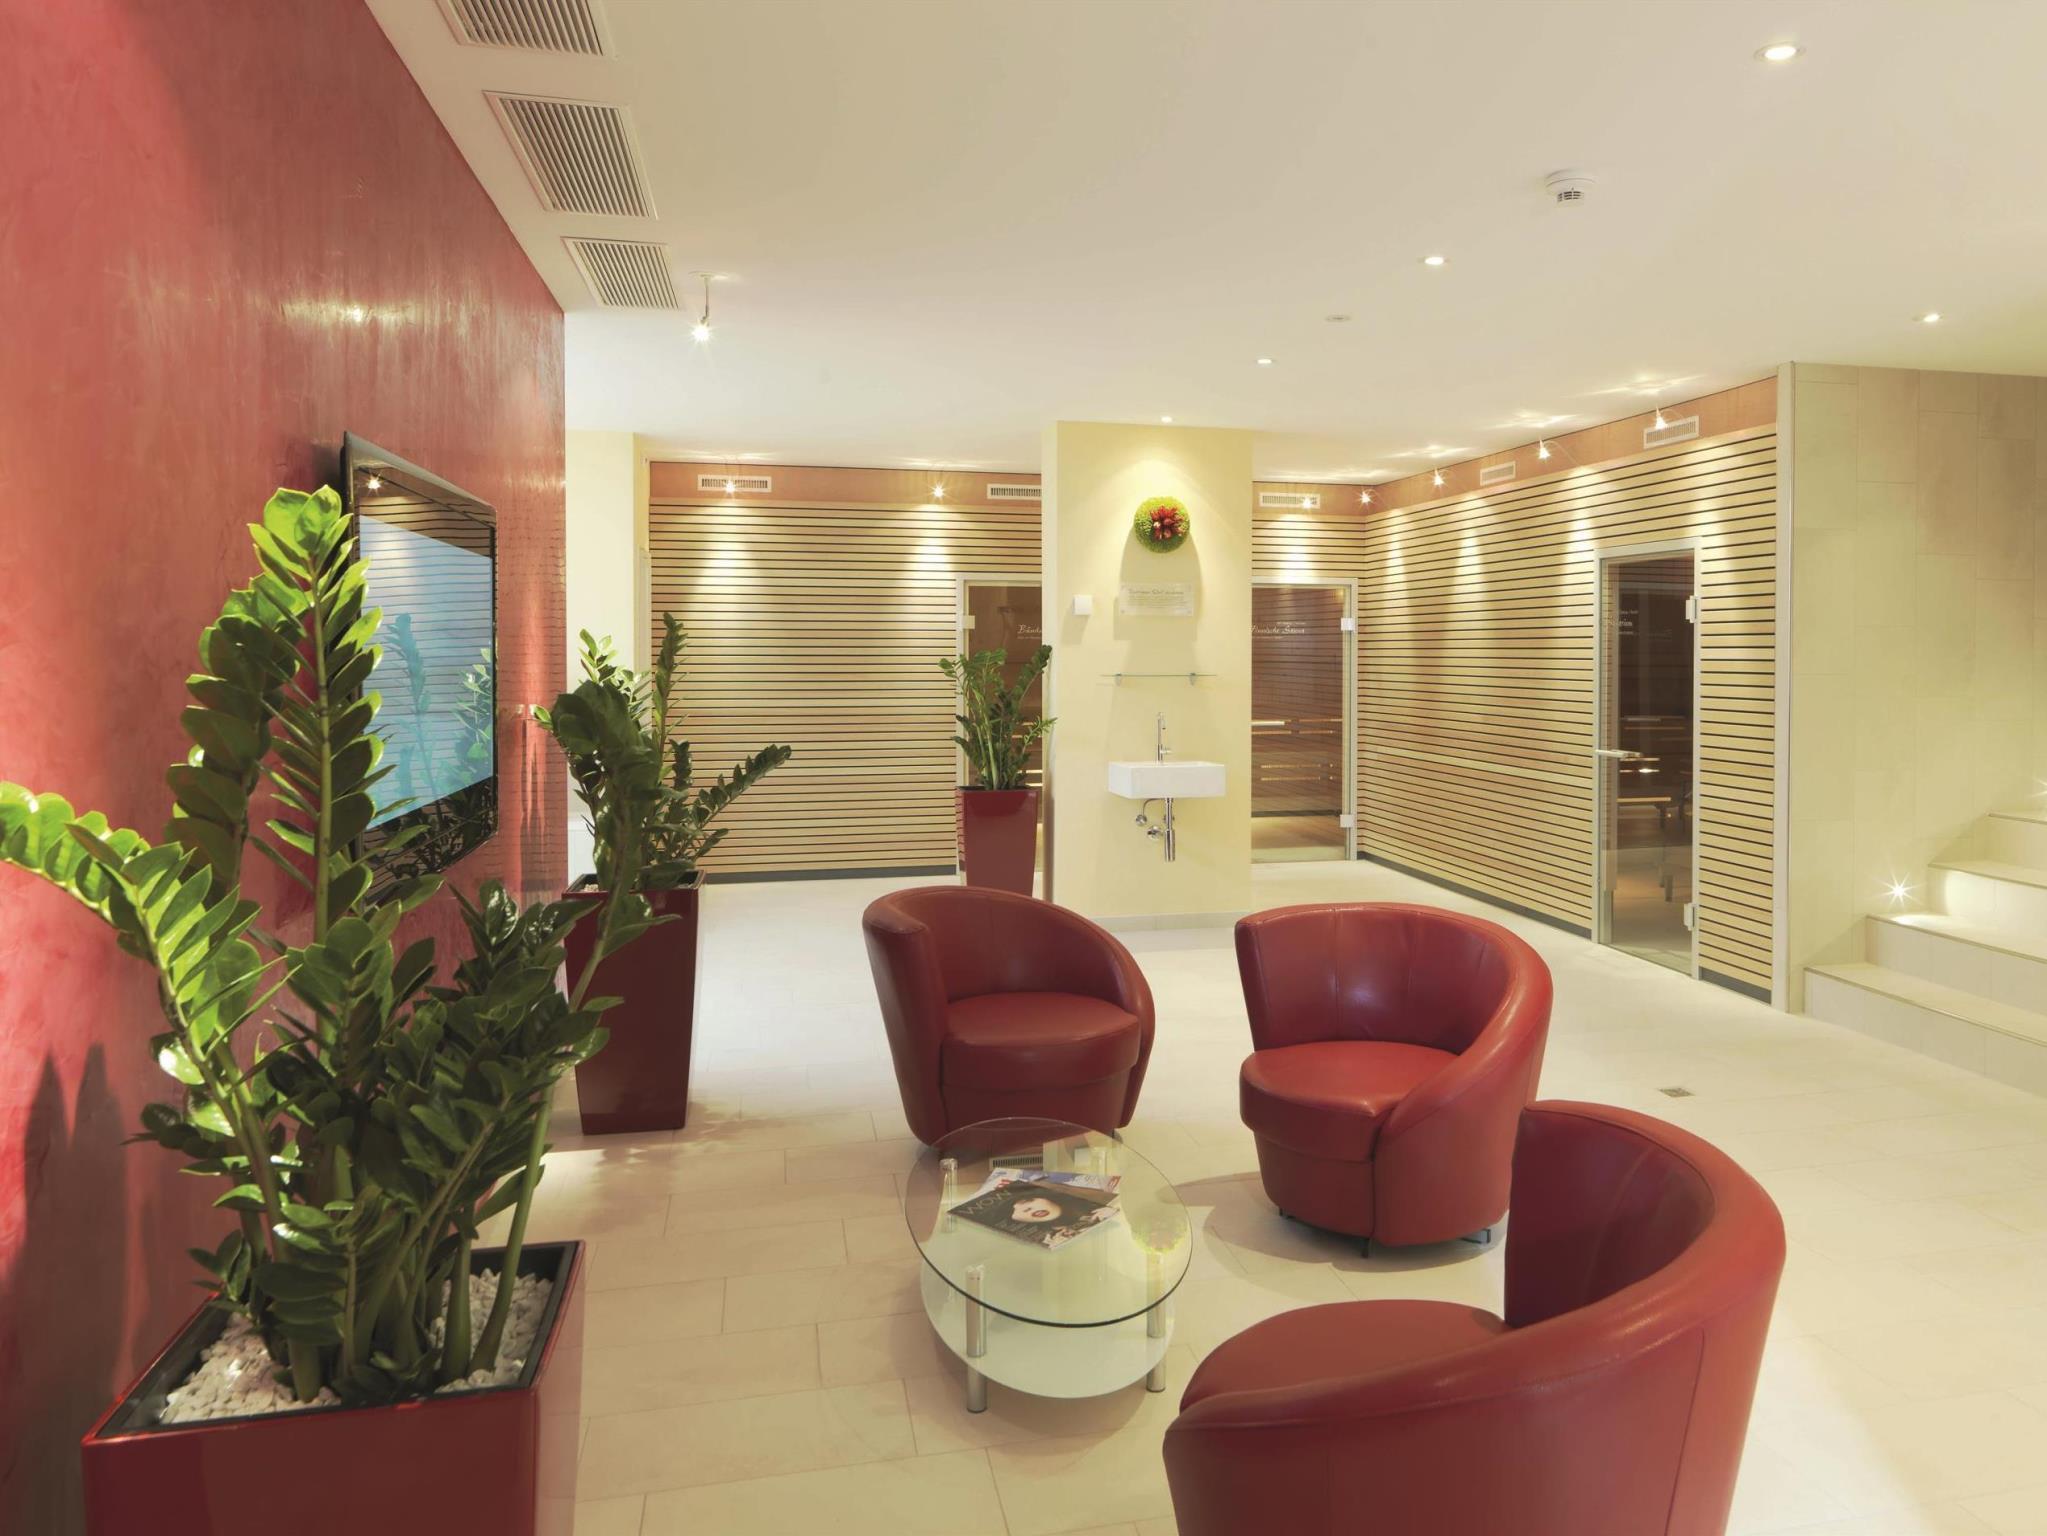 Sorell Hotel Aarauerhof In Switzerland Room Deals Photos